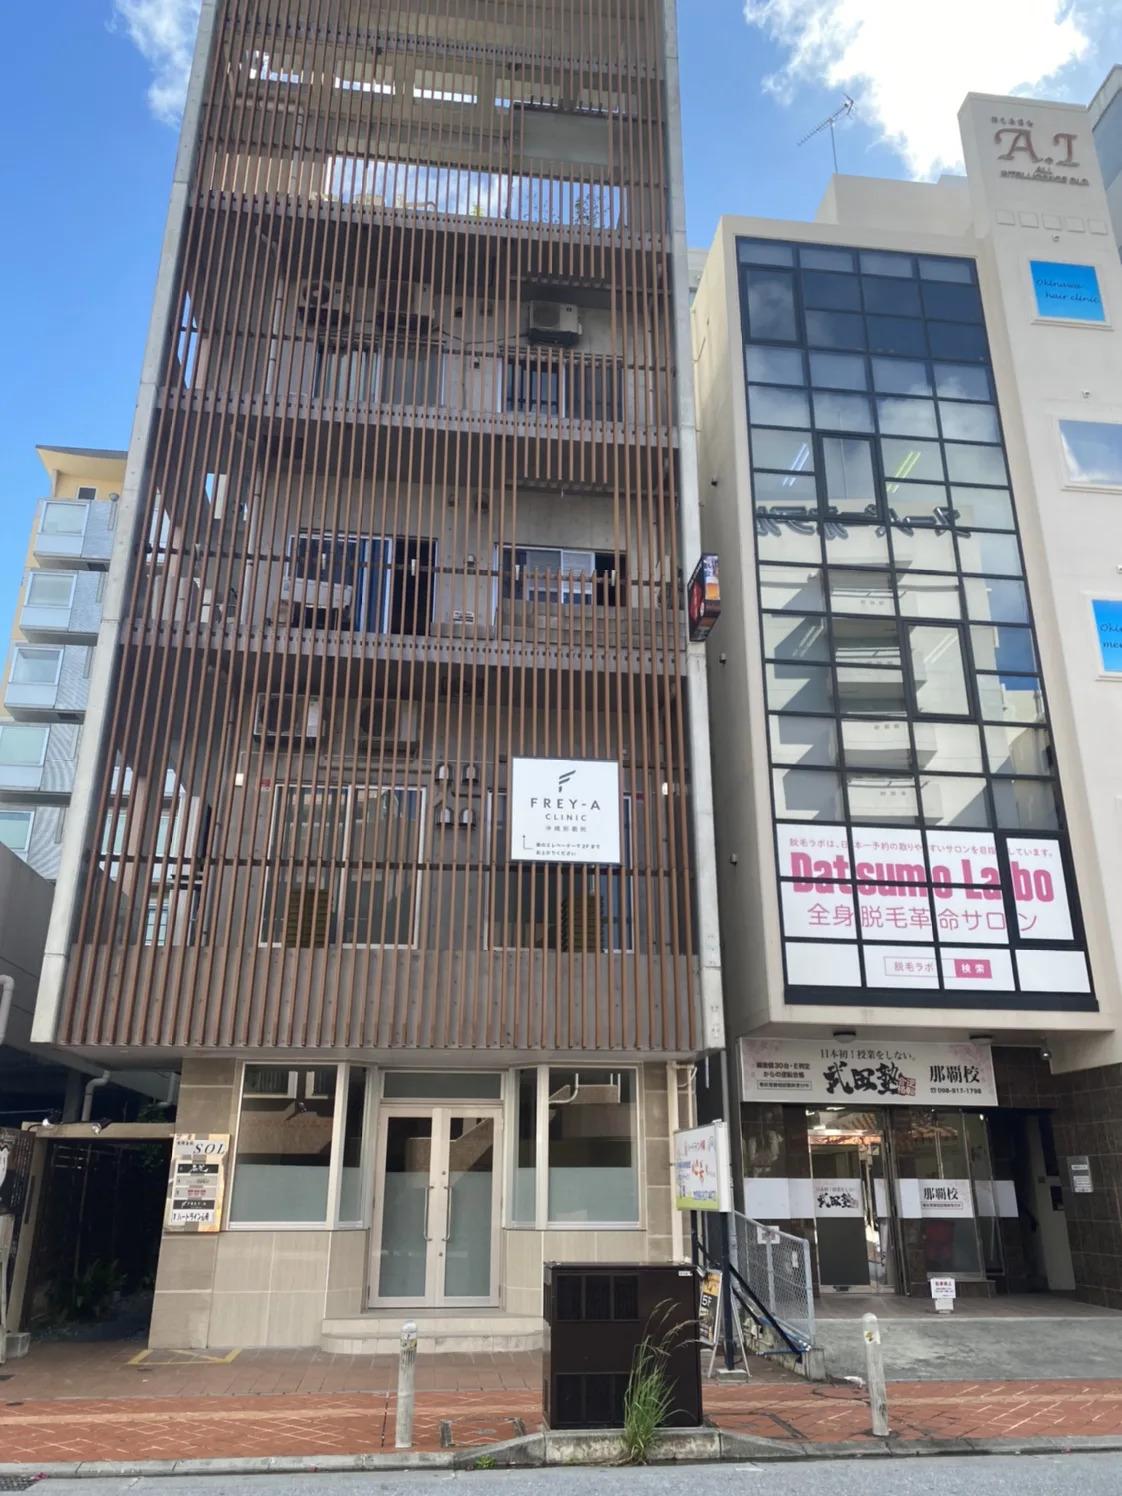 ⑦3軒目に2階部分から木目調になっているビルがあります。こちらがフレイアクリニックです。